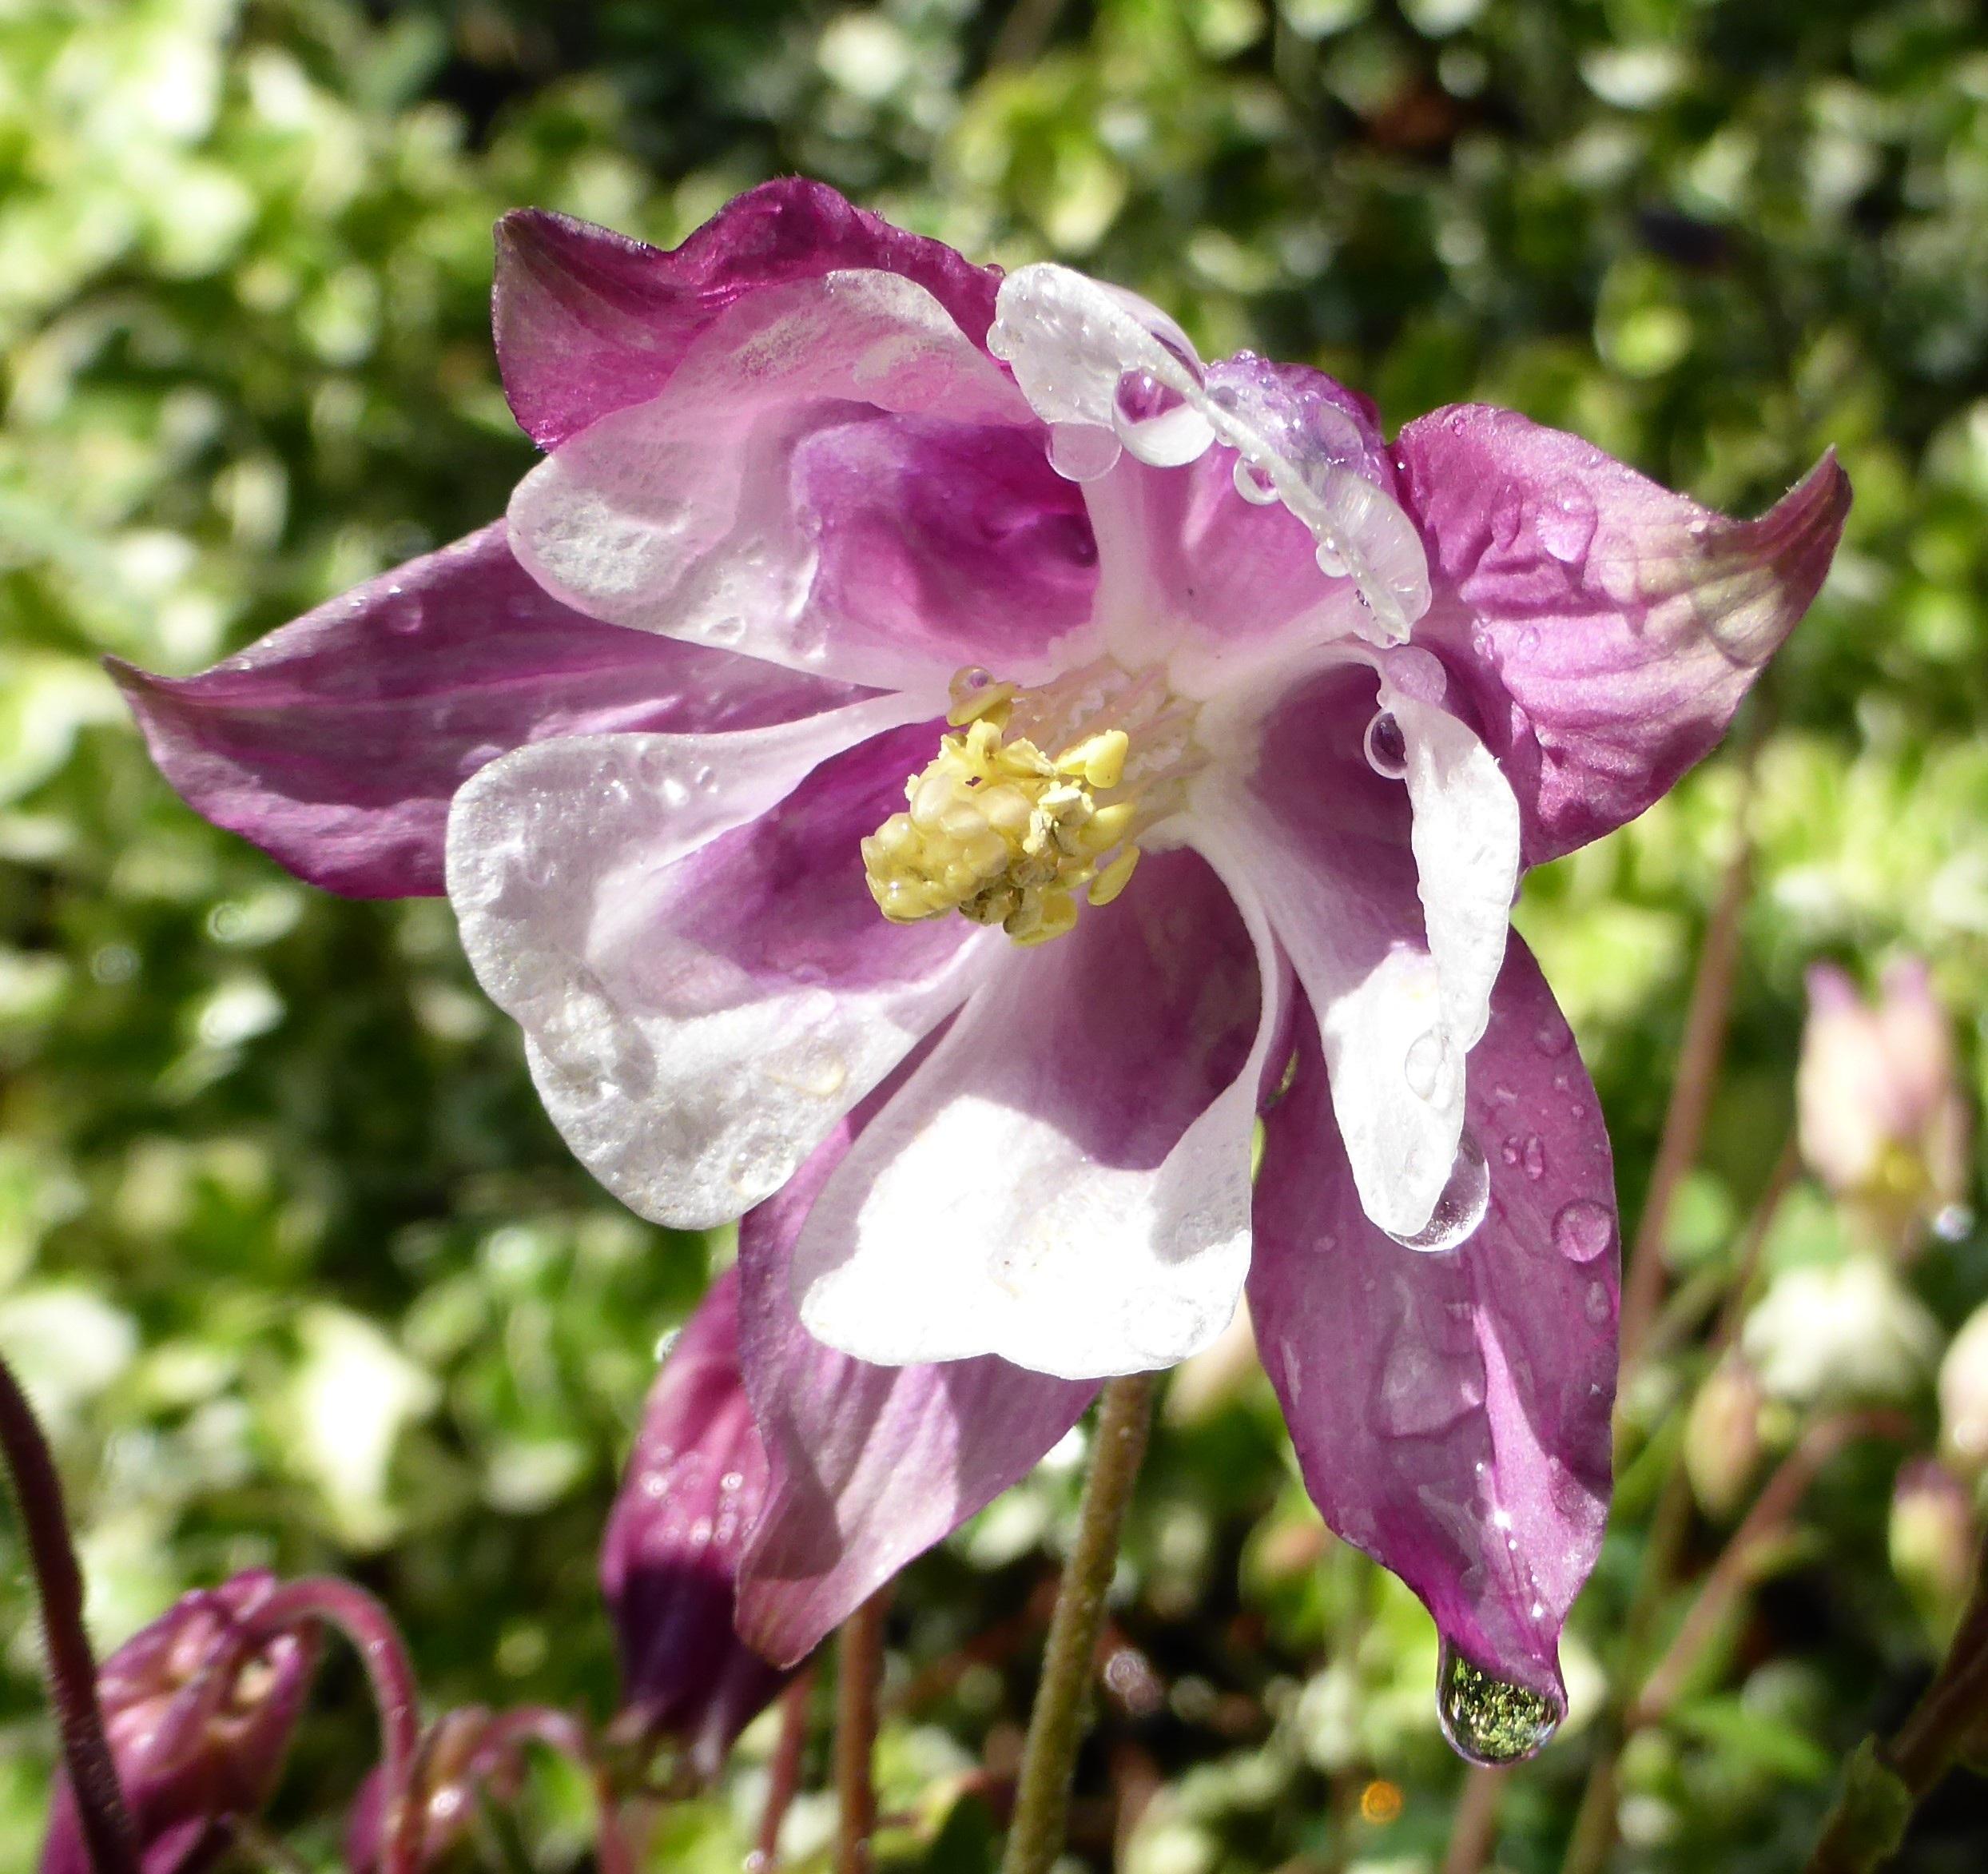 Free Images Nature Blossom Flower Petal Spring Botany